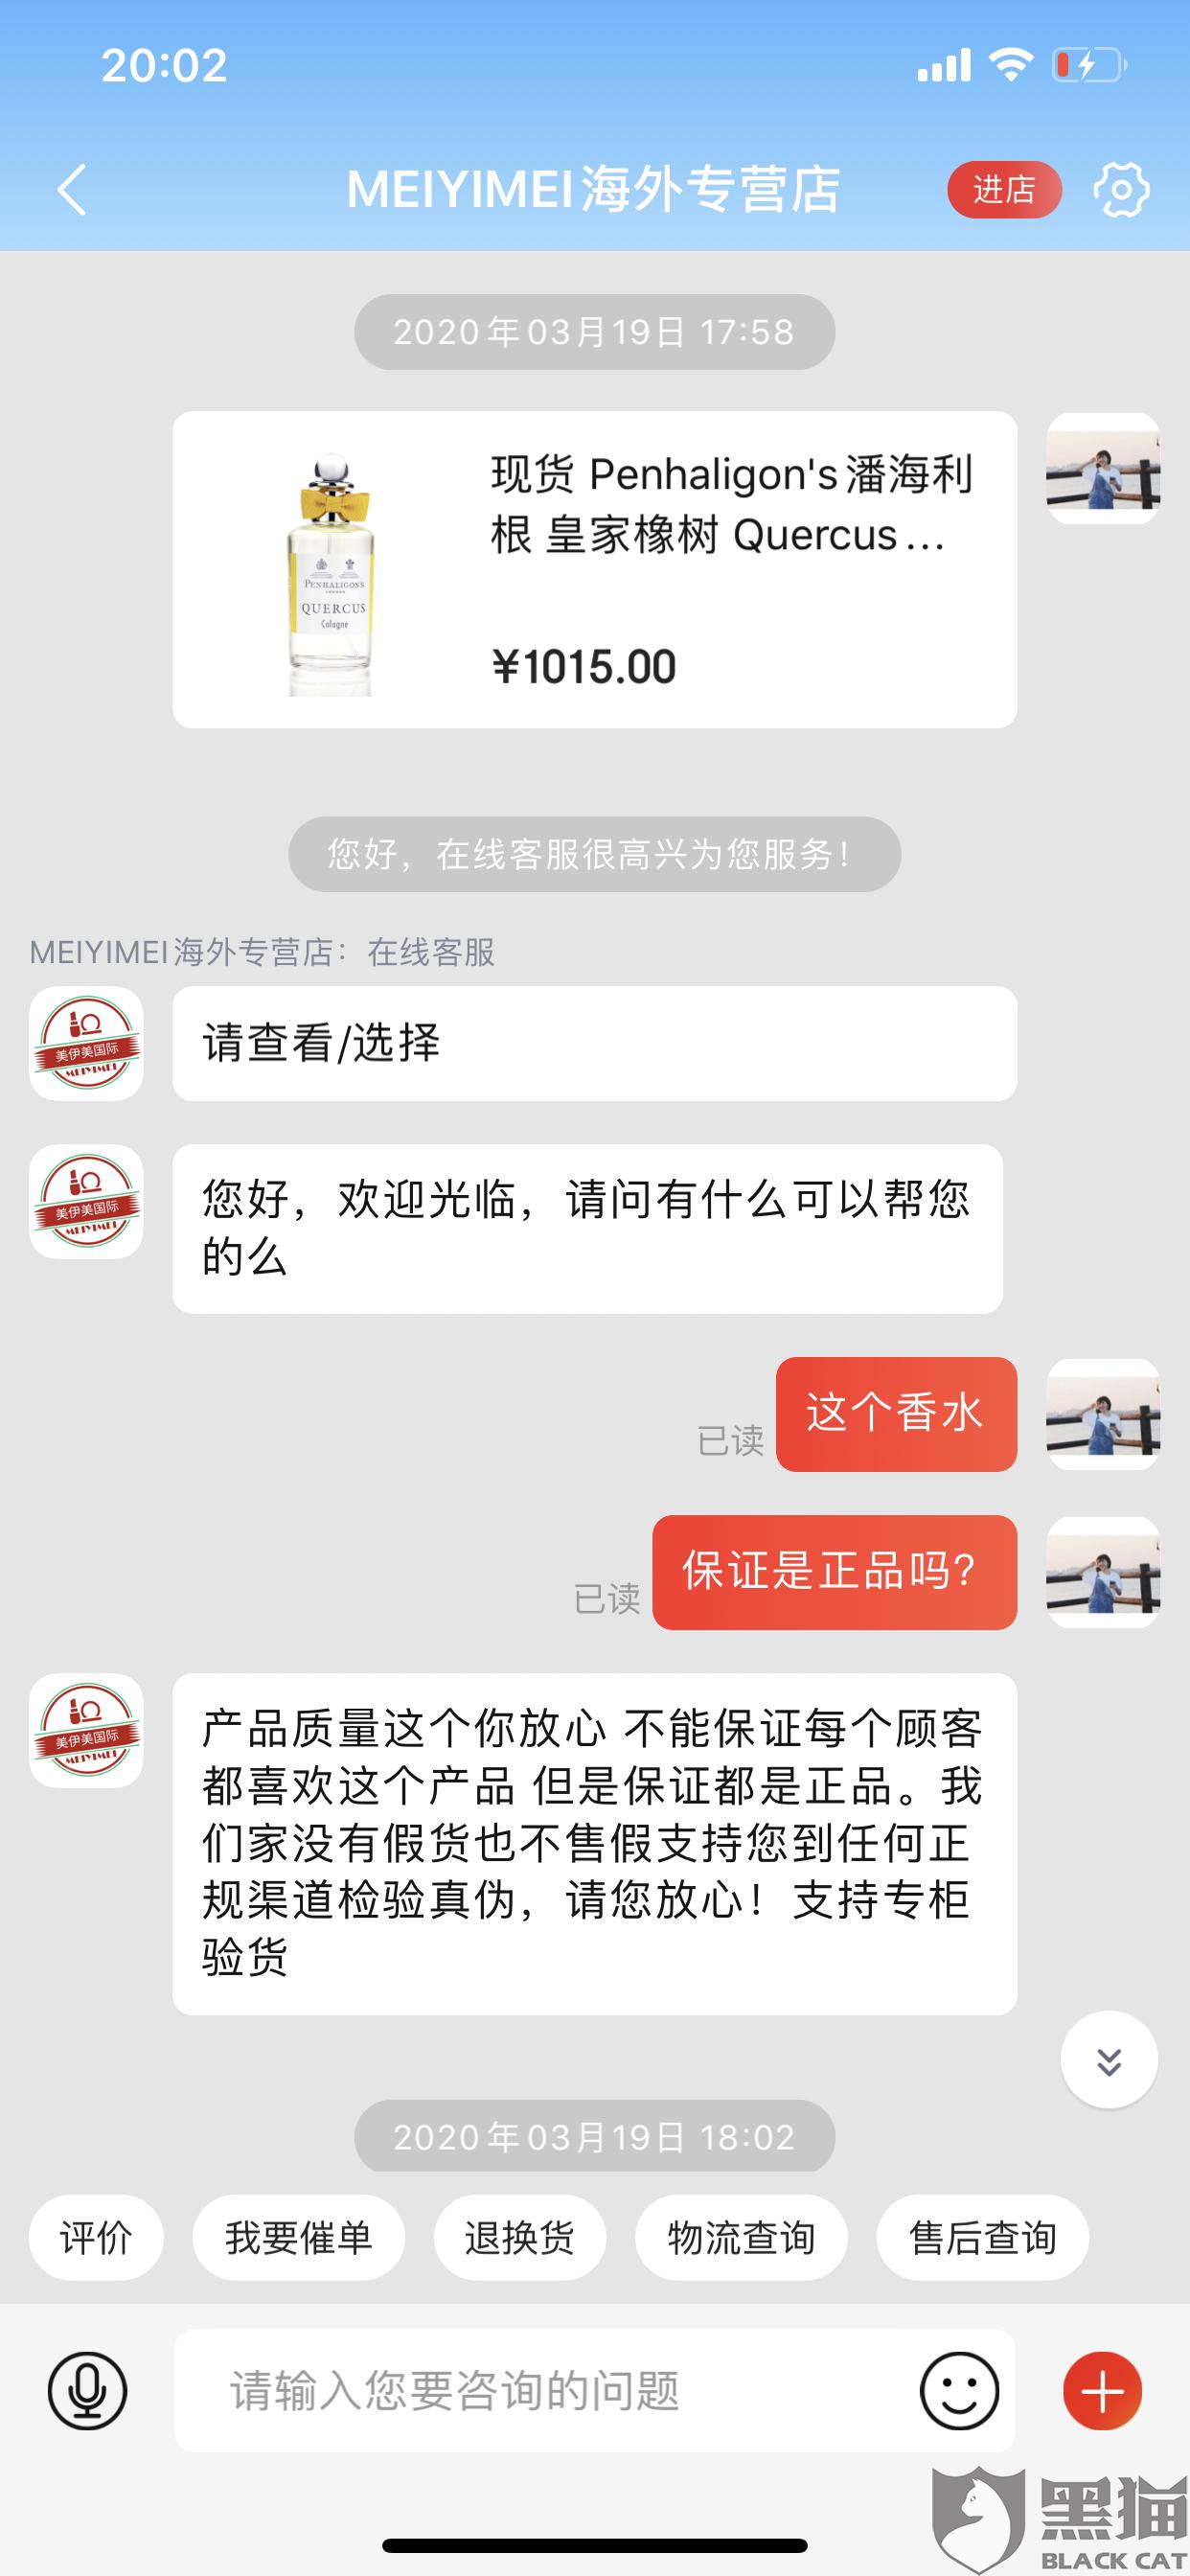 黑猫投诉:投诉京东卖家MEIYIMEI海外专营店 卖假货